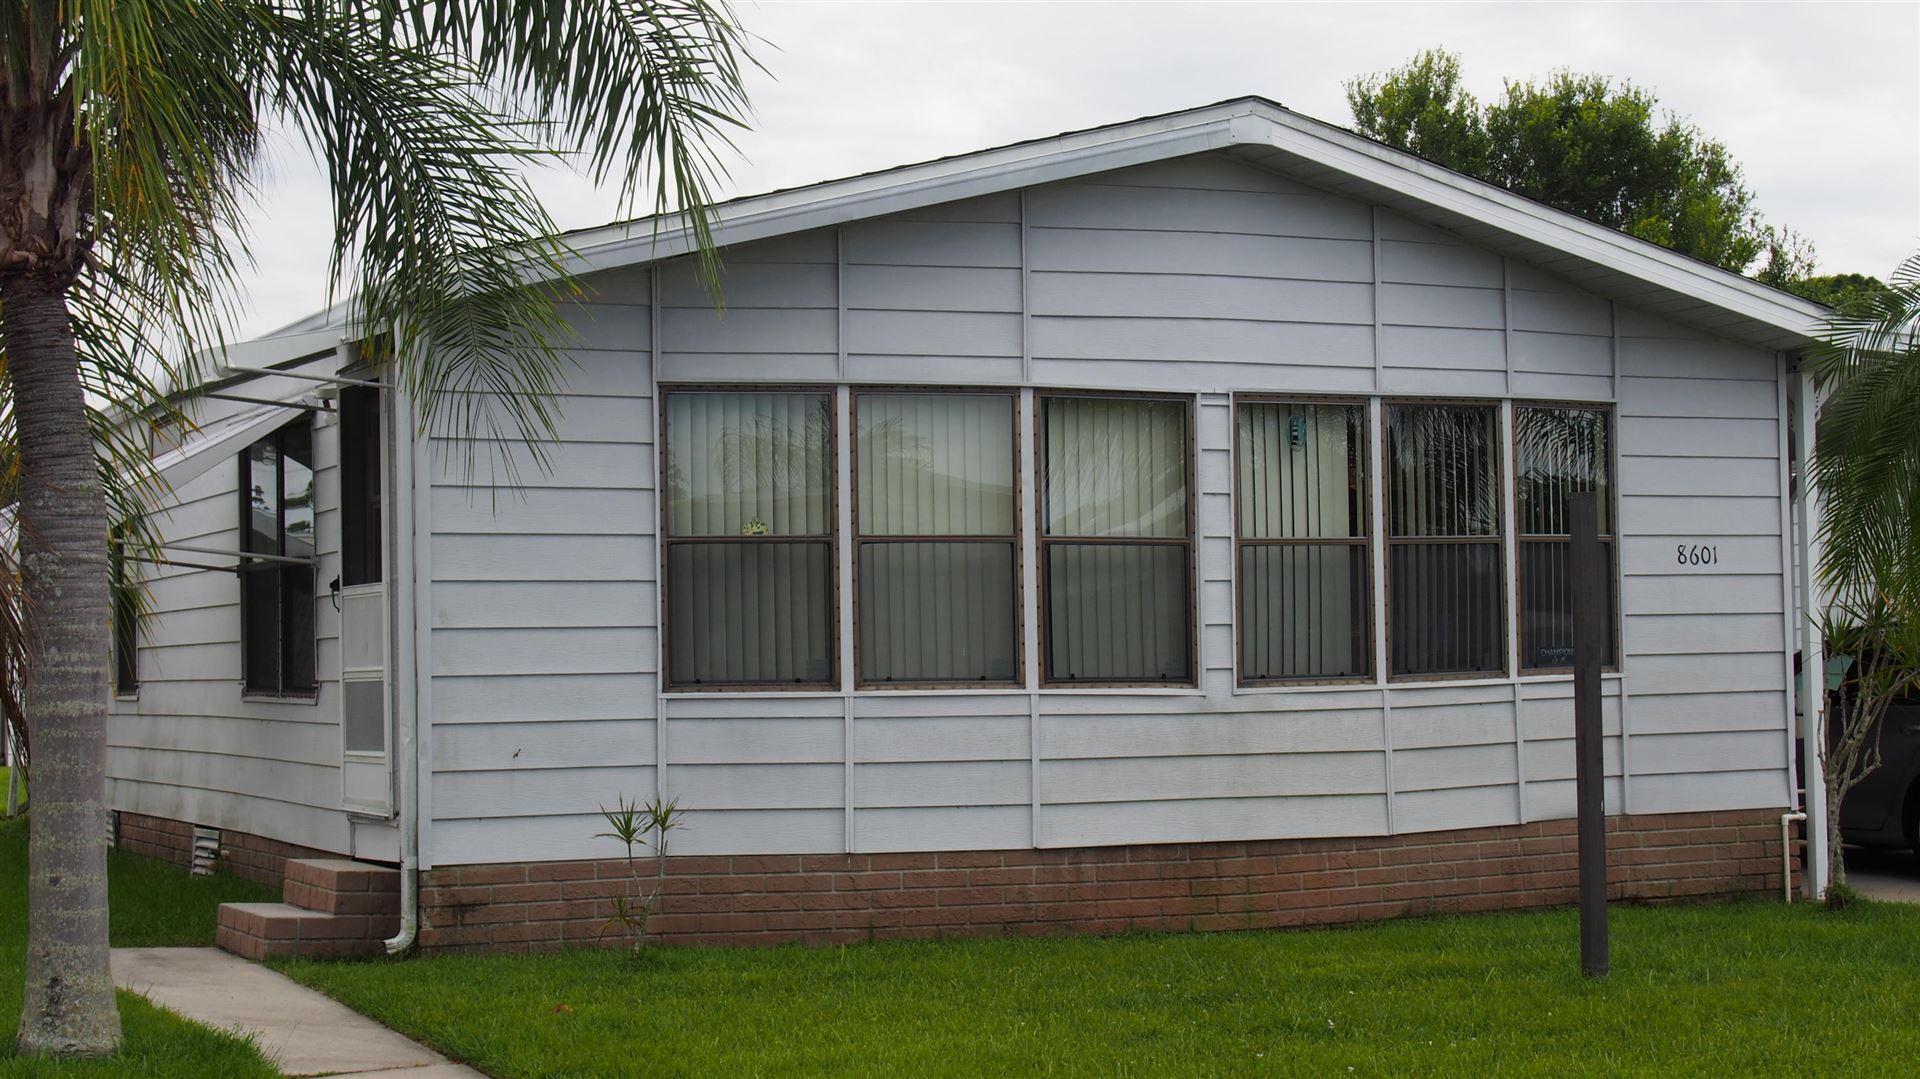 8601 Mary Ann Lane, Port Saint Lucie, FL 34952 - #: RX-10633171